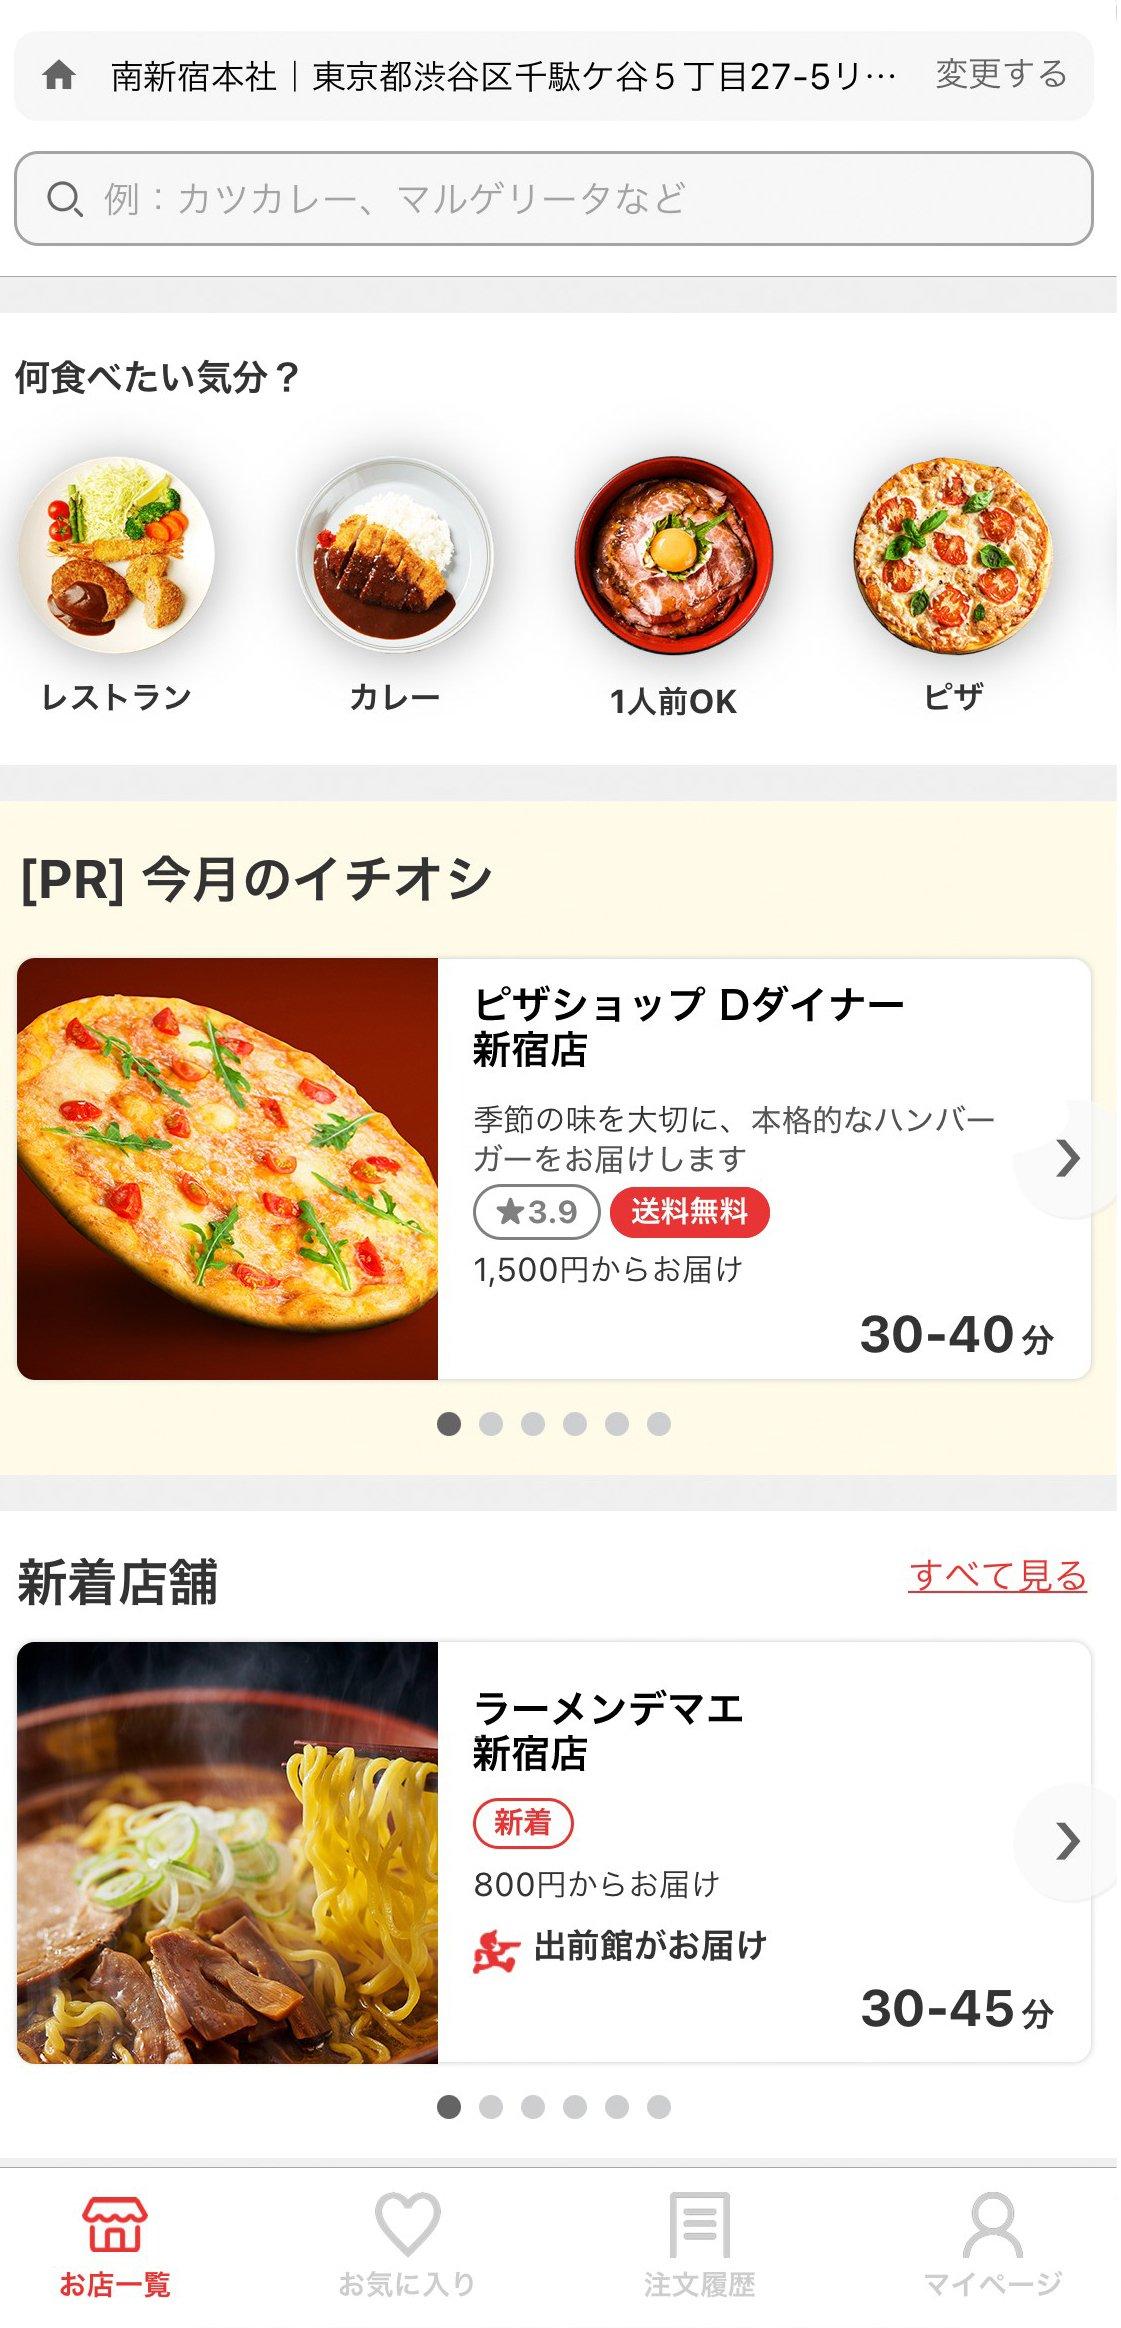 onlinehanami_09.jpg